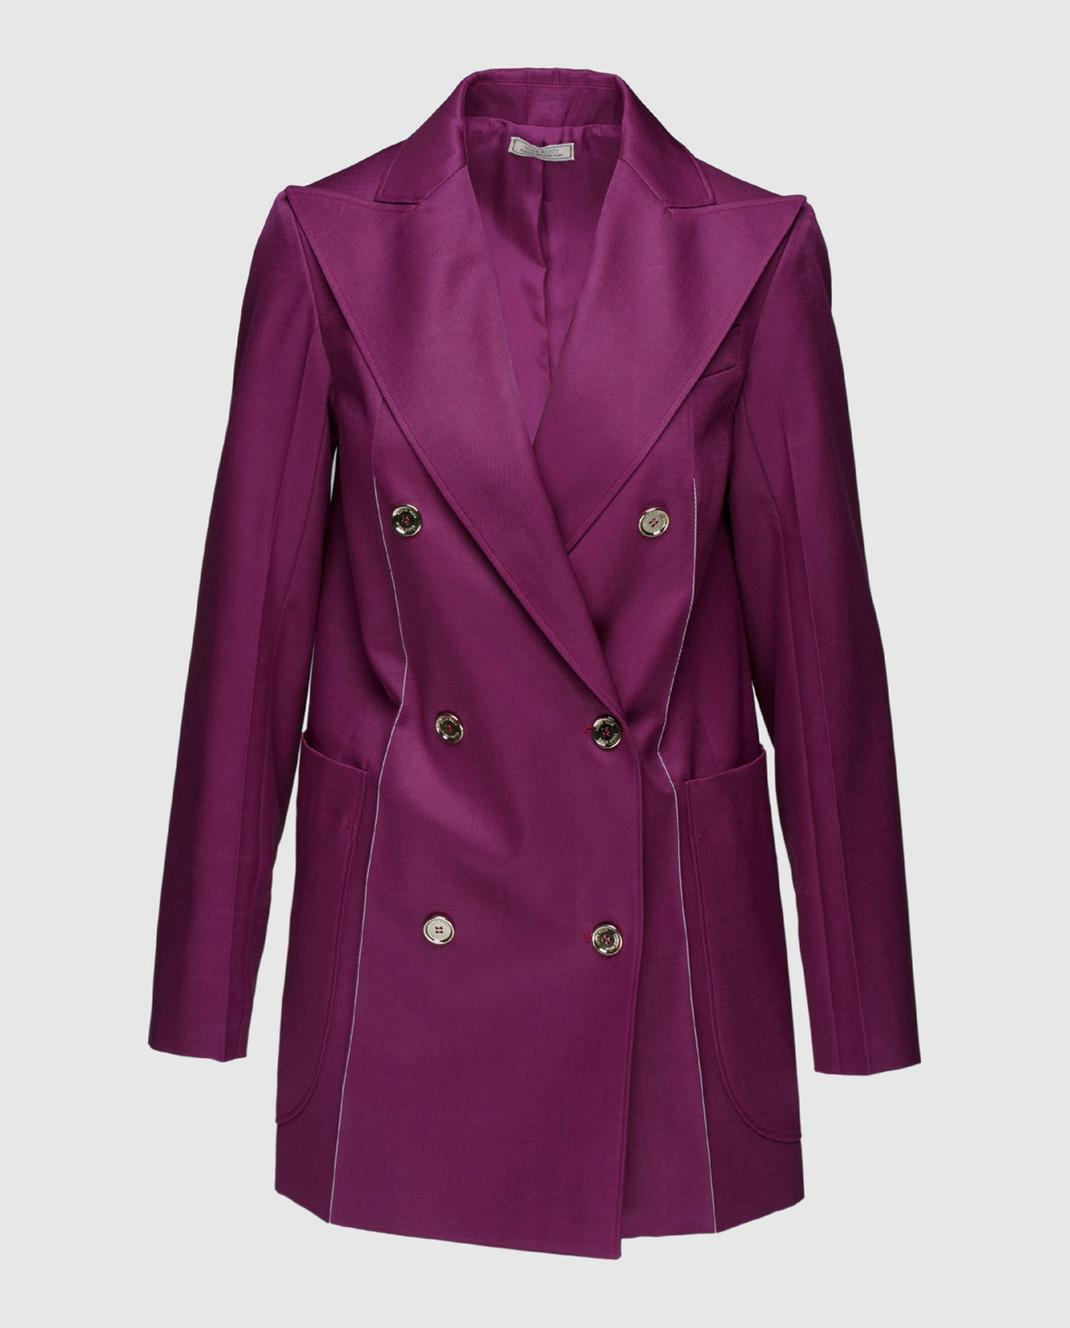 NINA RICCI Фиолетовый жакет из шерсти и шелка 17ECVE017WV0212